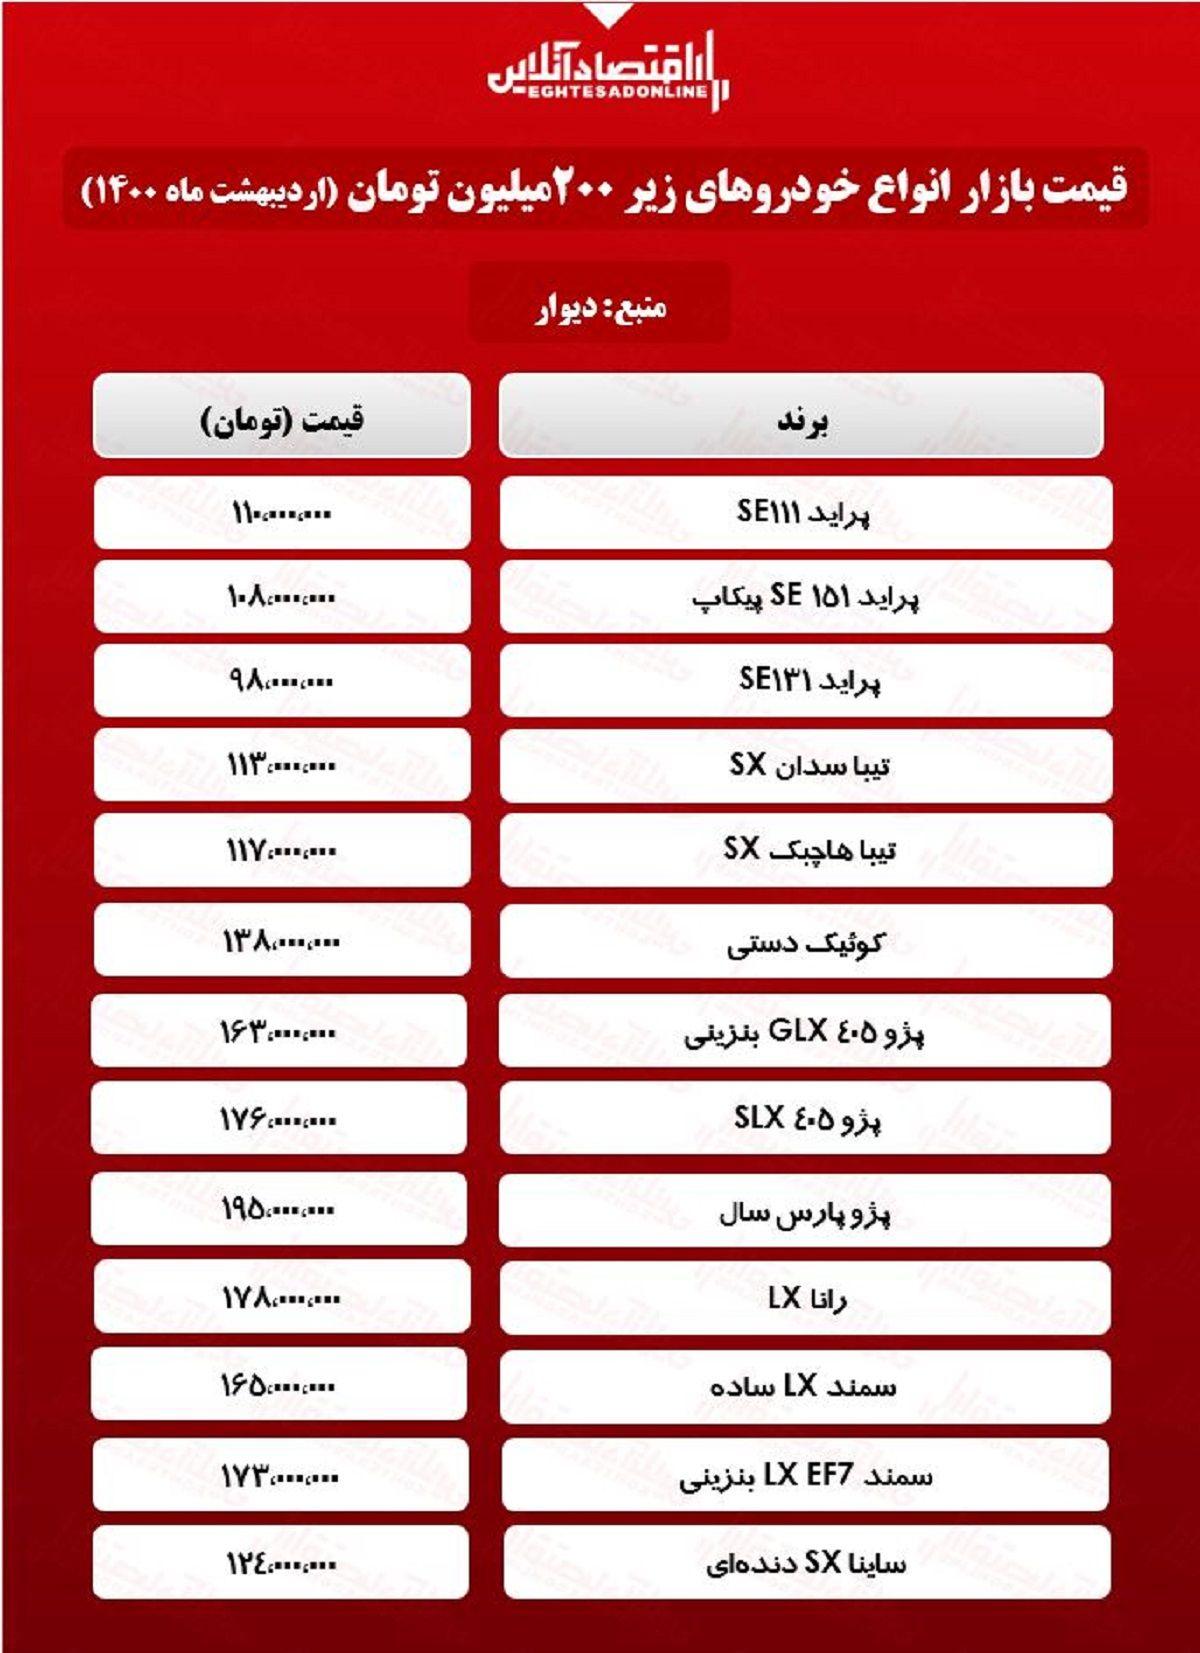 قیمت خودروهای زیر ۲۰۰میلیون بازار تهران + جدول